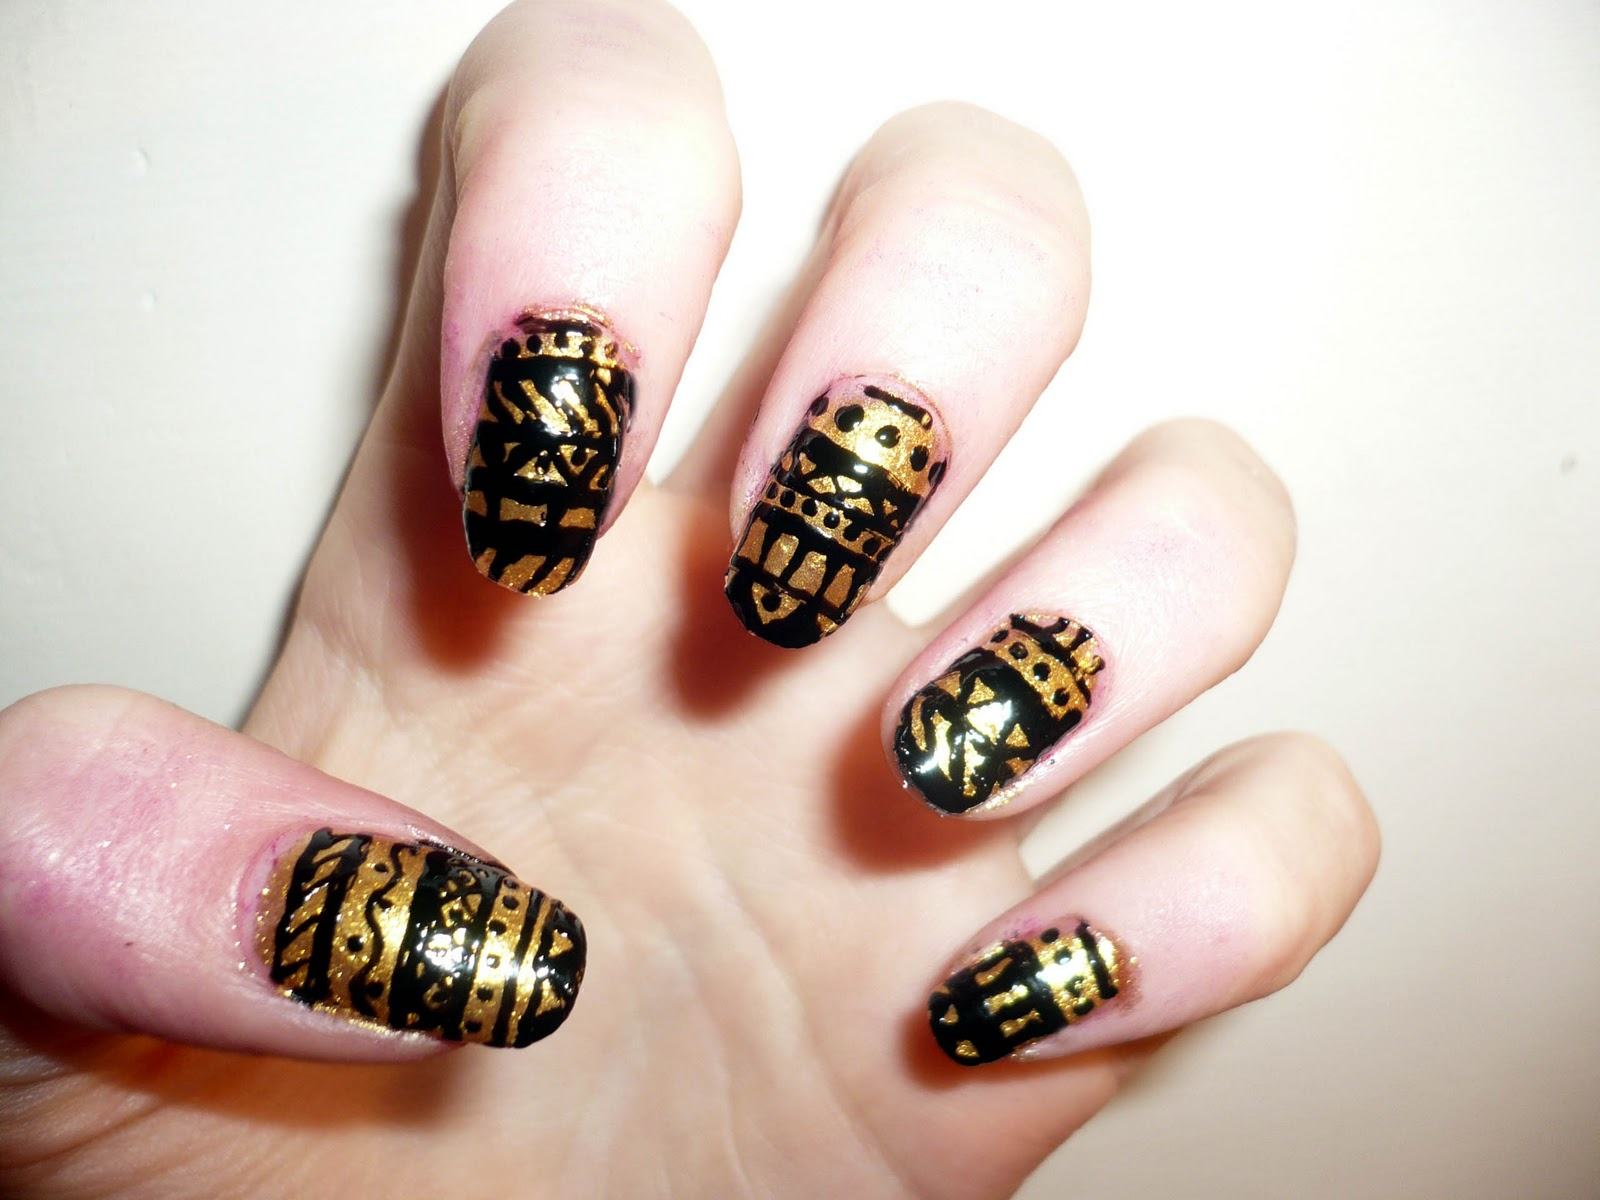 Cute Nails Tumblr 2014